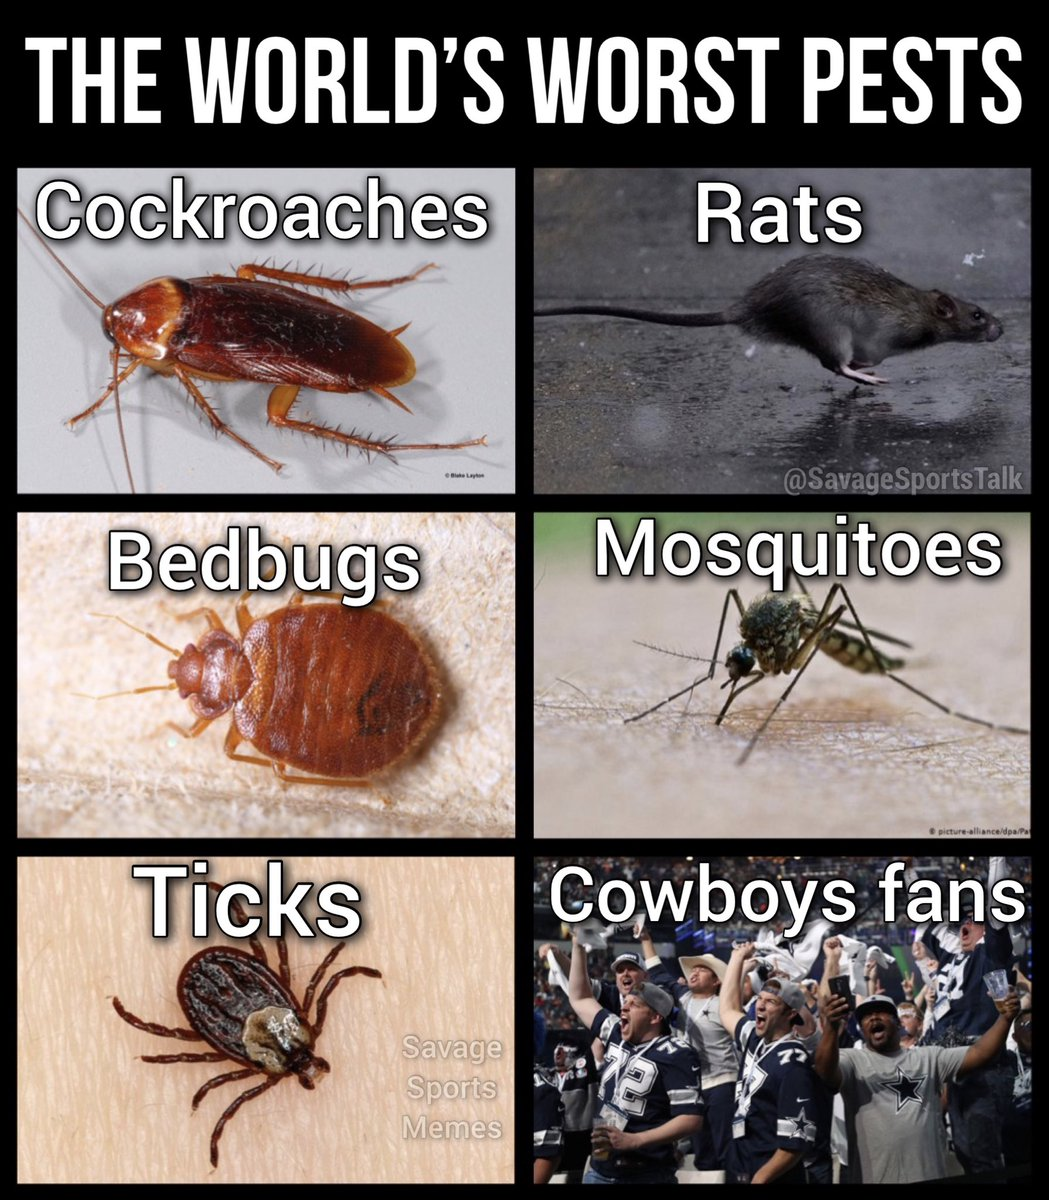 #NFL #NFLmeme #NFLmemes #football #footballmeme #footballmemes #meme #memes #sports #sportsmeme #sportsmemes #cowboys #dallas #dallascowboys #dak #dakprescott #jerryjones #demboys #demboyz #zeke #bedbugs #rats #ticks #cockroach #mosquitopic.twitter.com/y3TlLEho7T